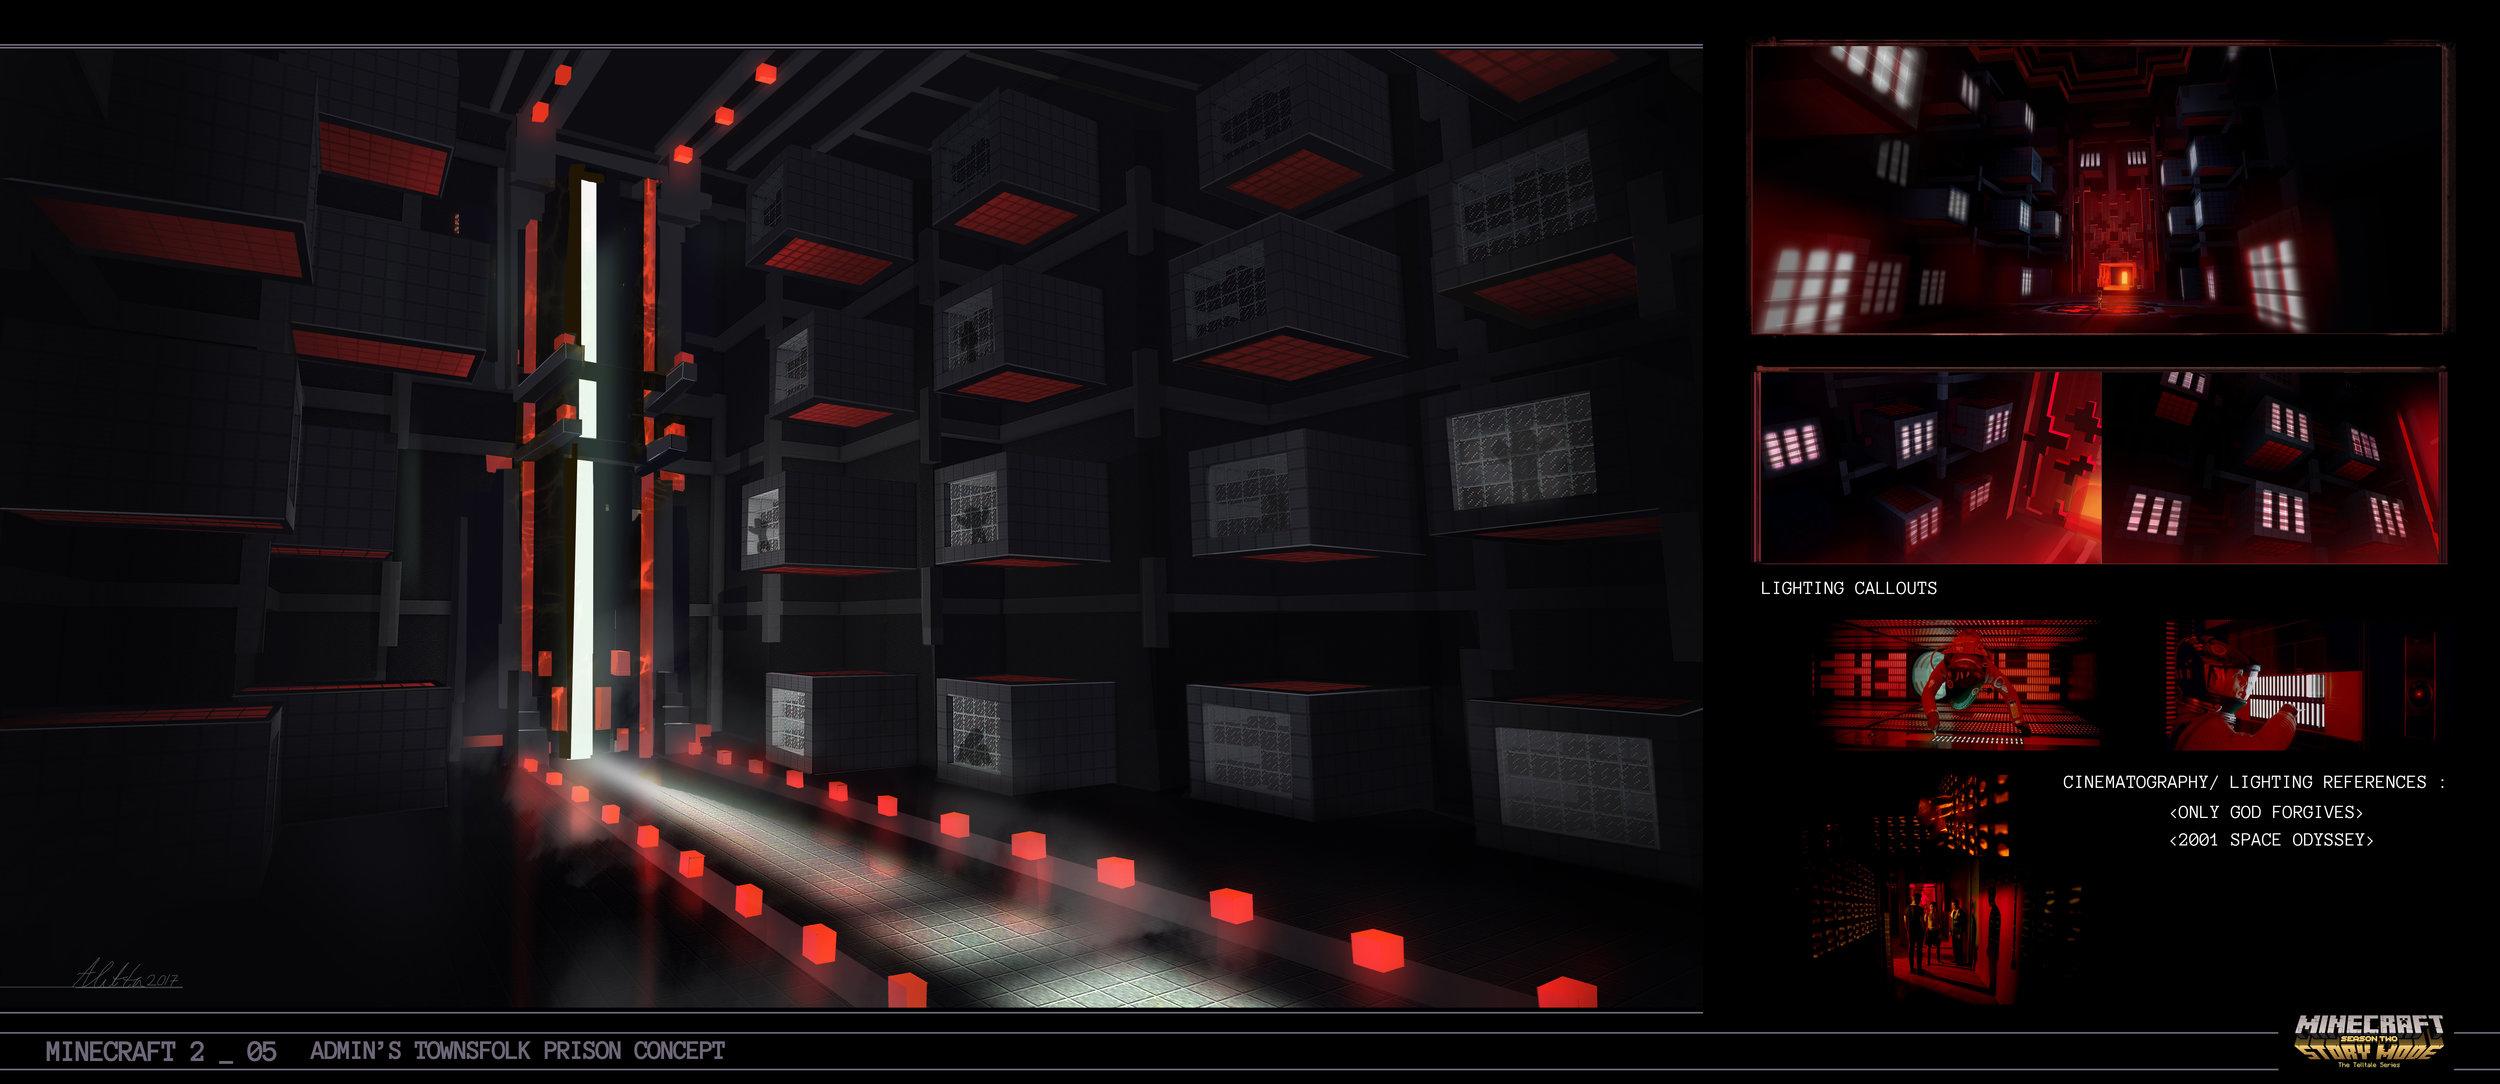 mc205_adminprison_concept.jpg